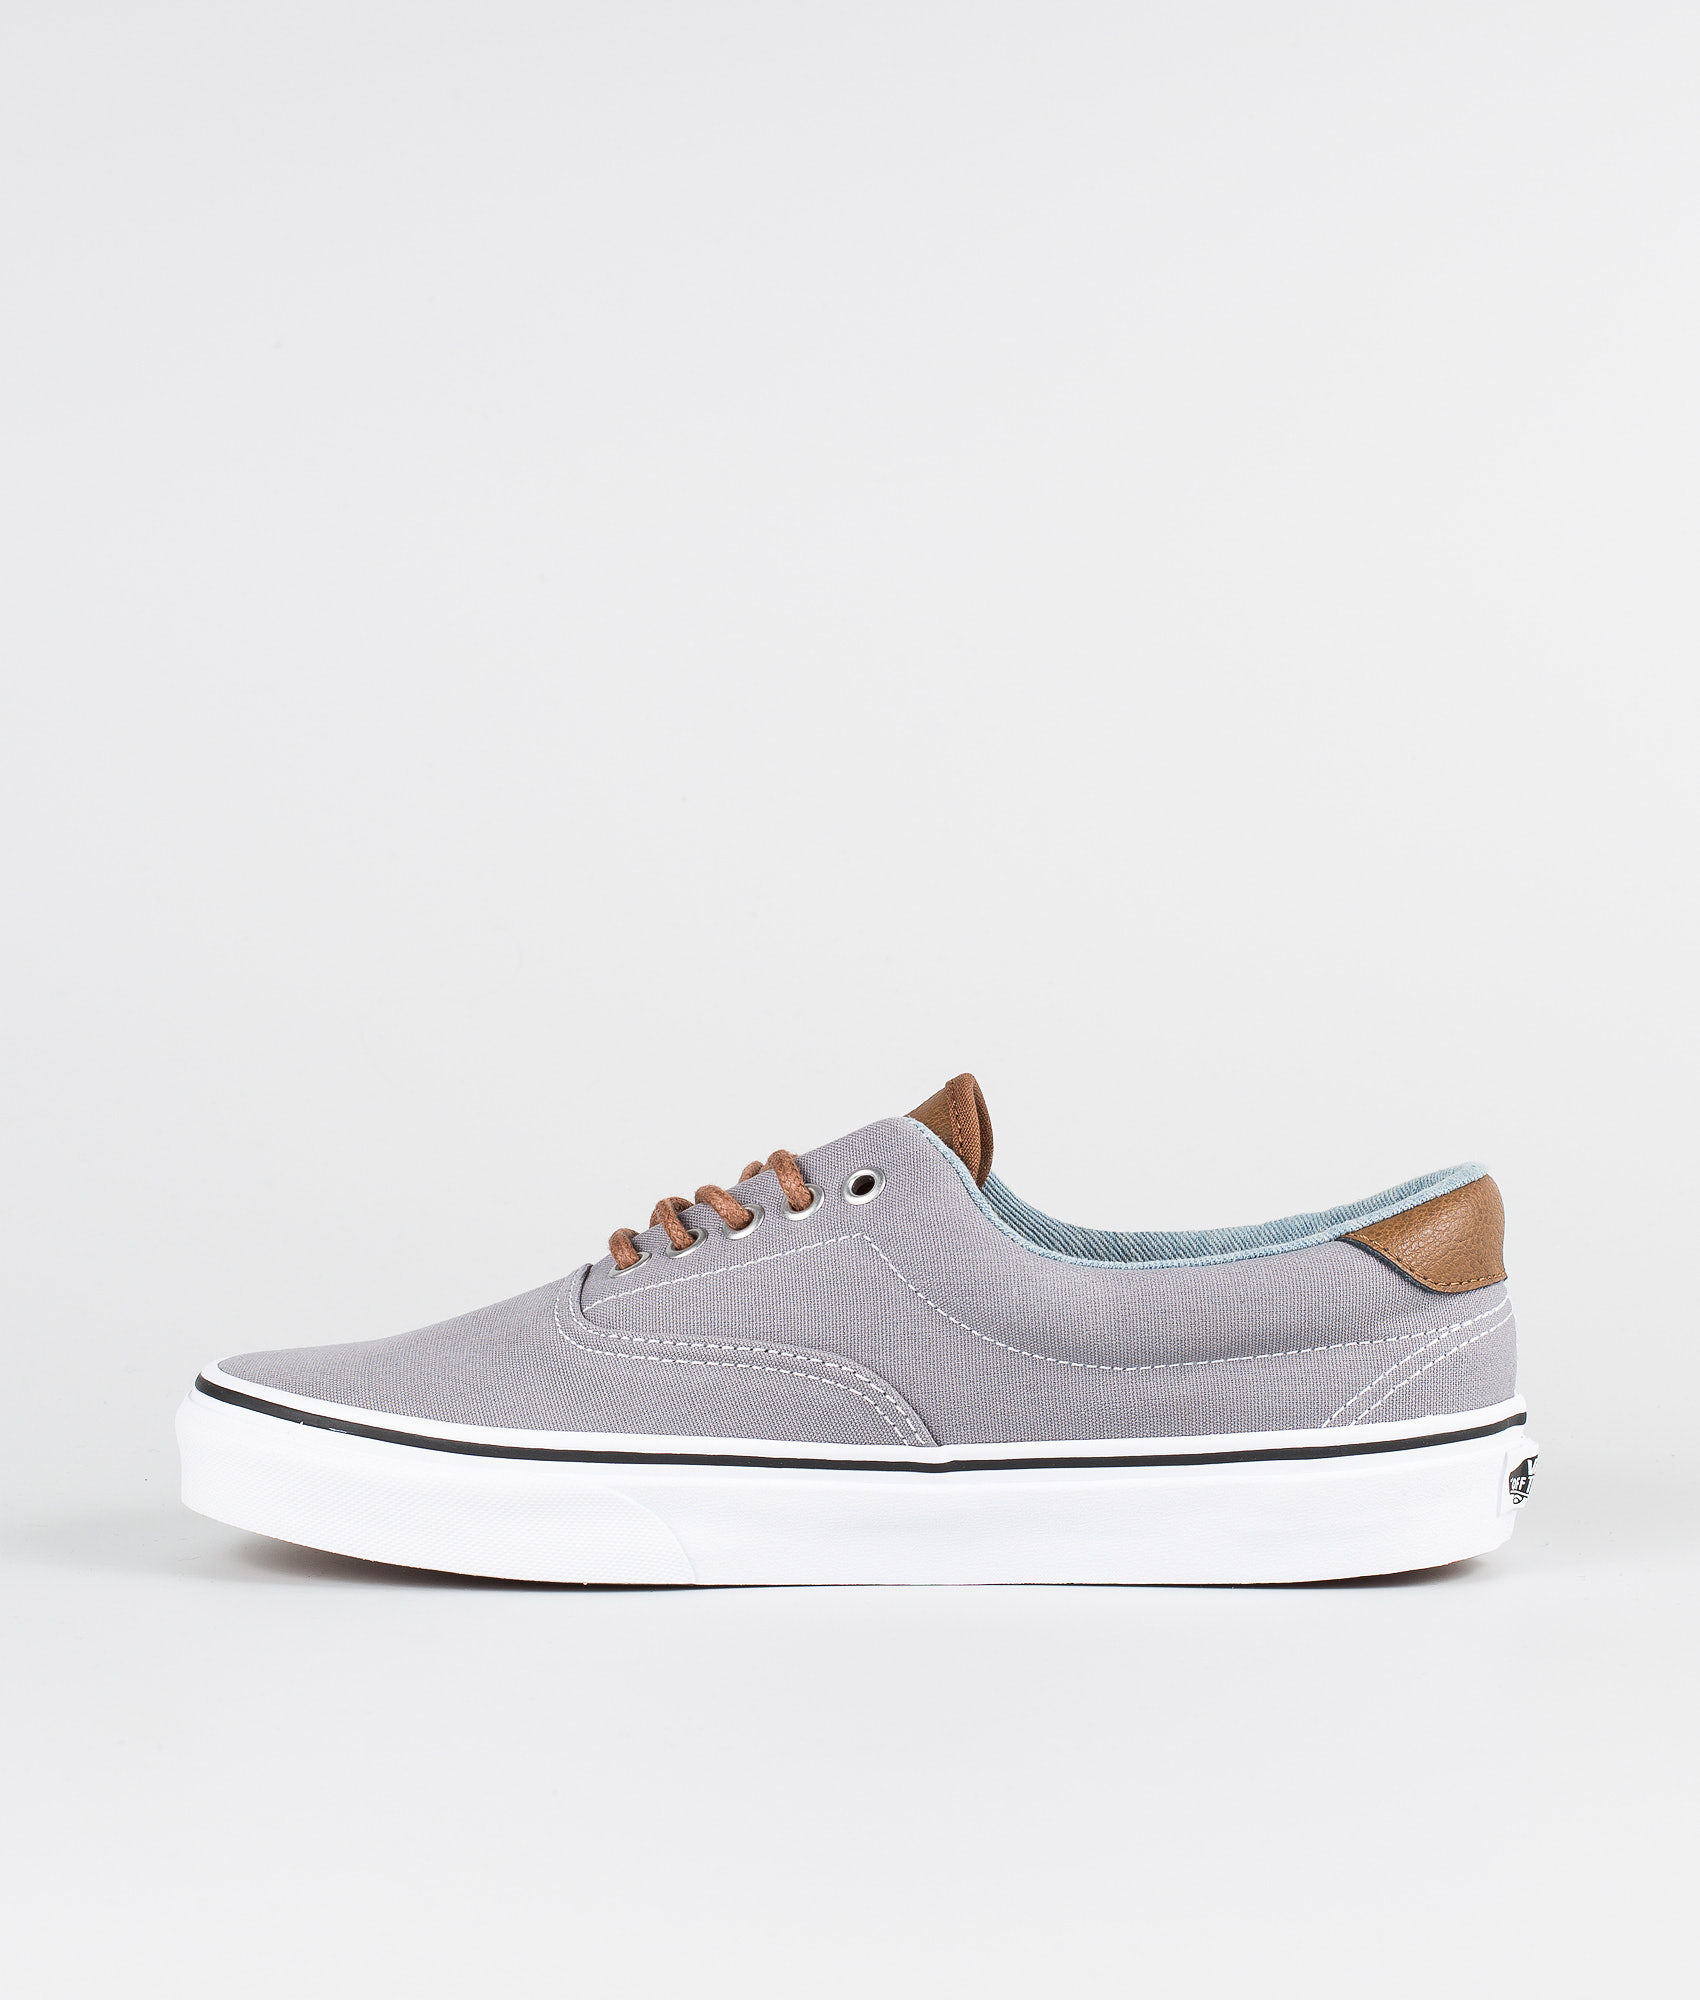 4c18a636d4 Vans Era 59 Shoes (C L) Frost Gray Acid Den - Ridestore.com